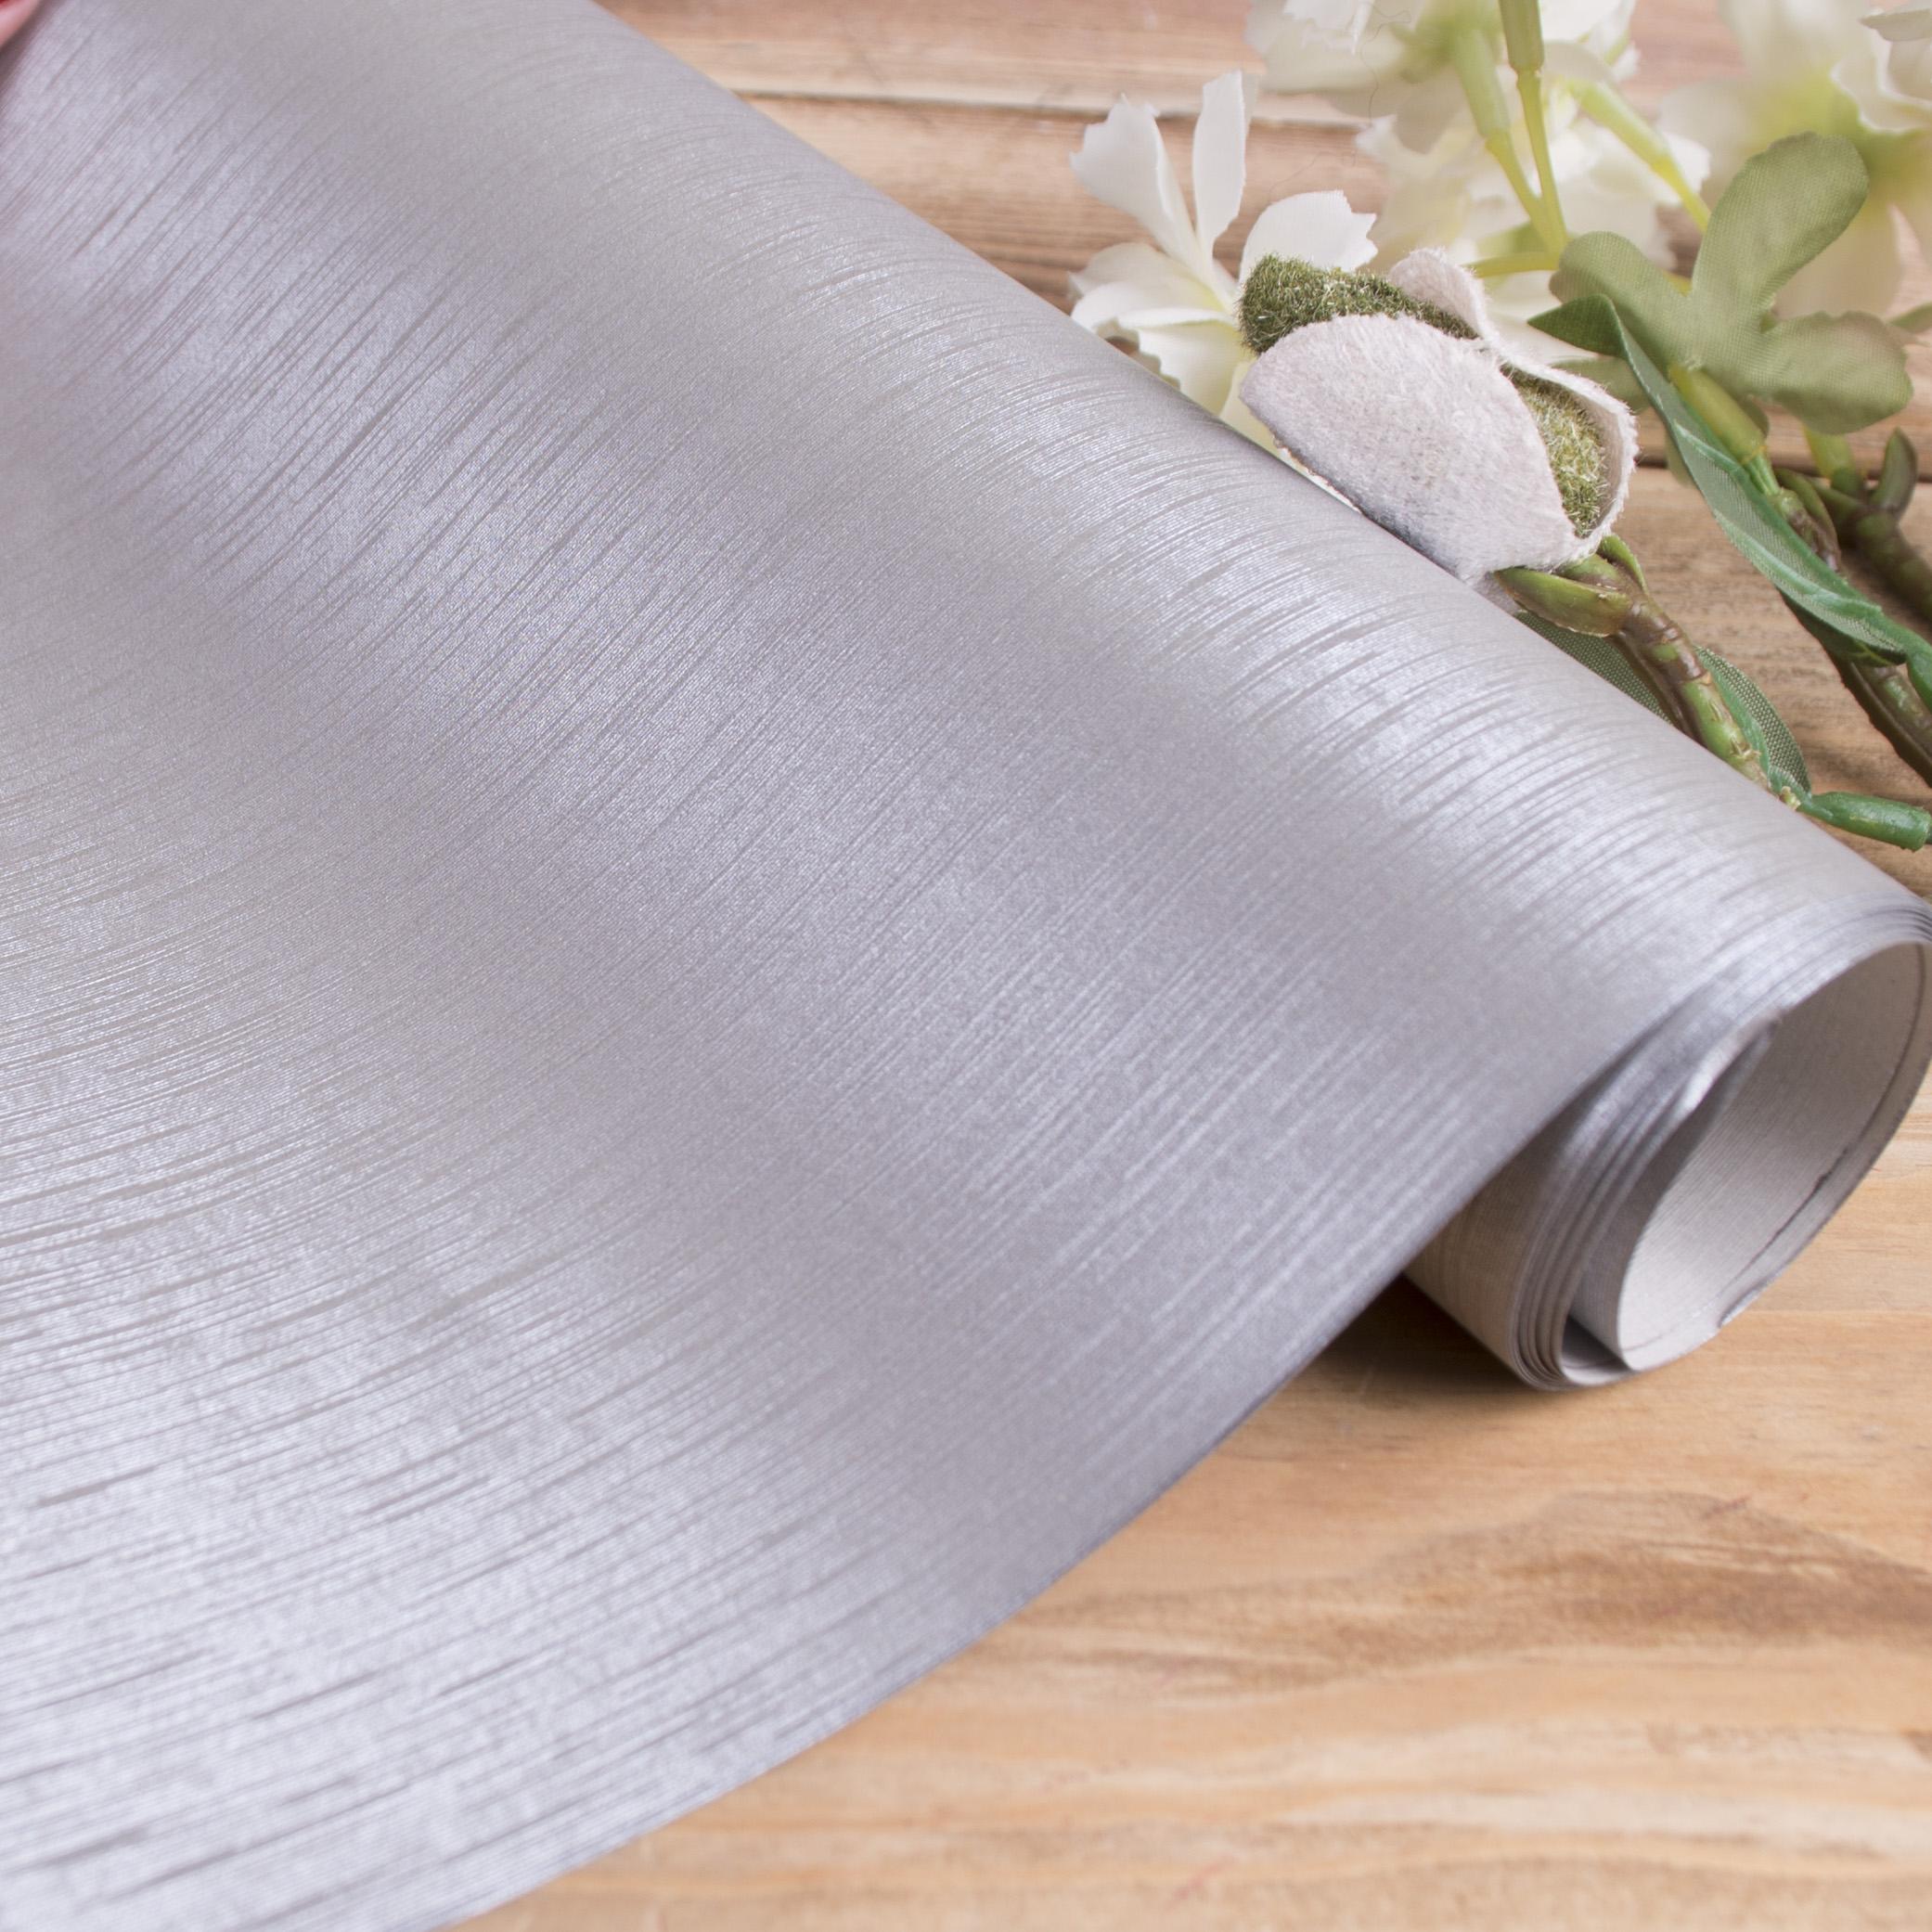 бумага фактурная с тиснением (серебро в полоску)